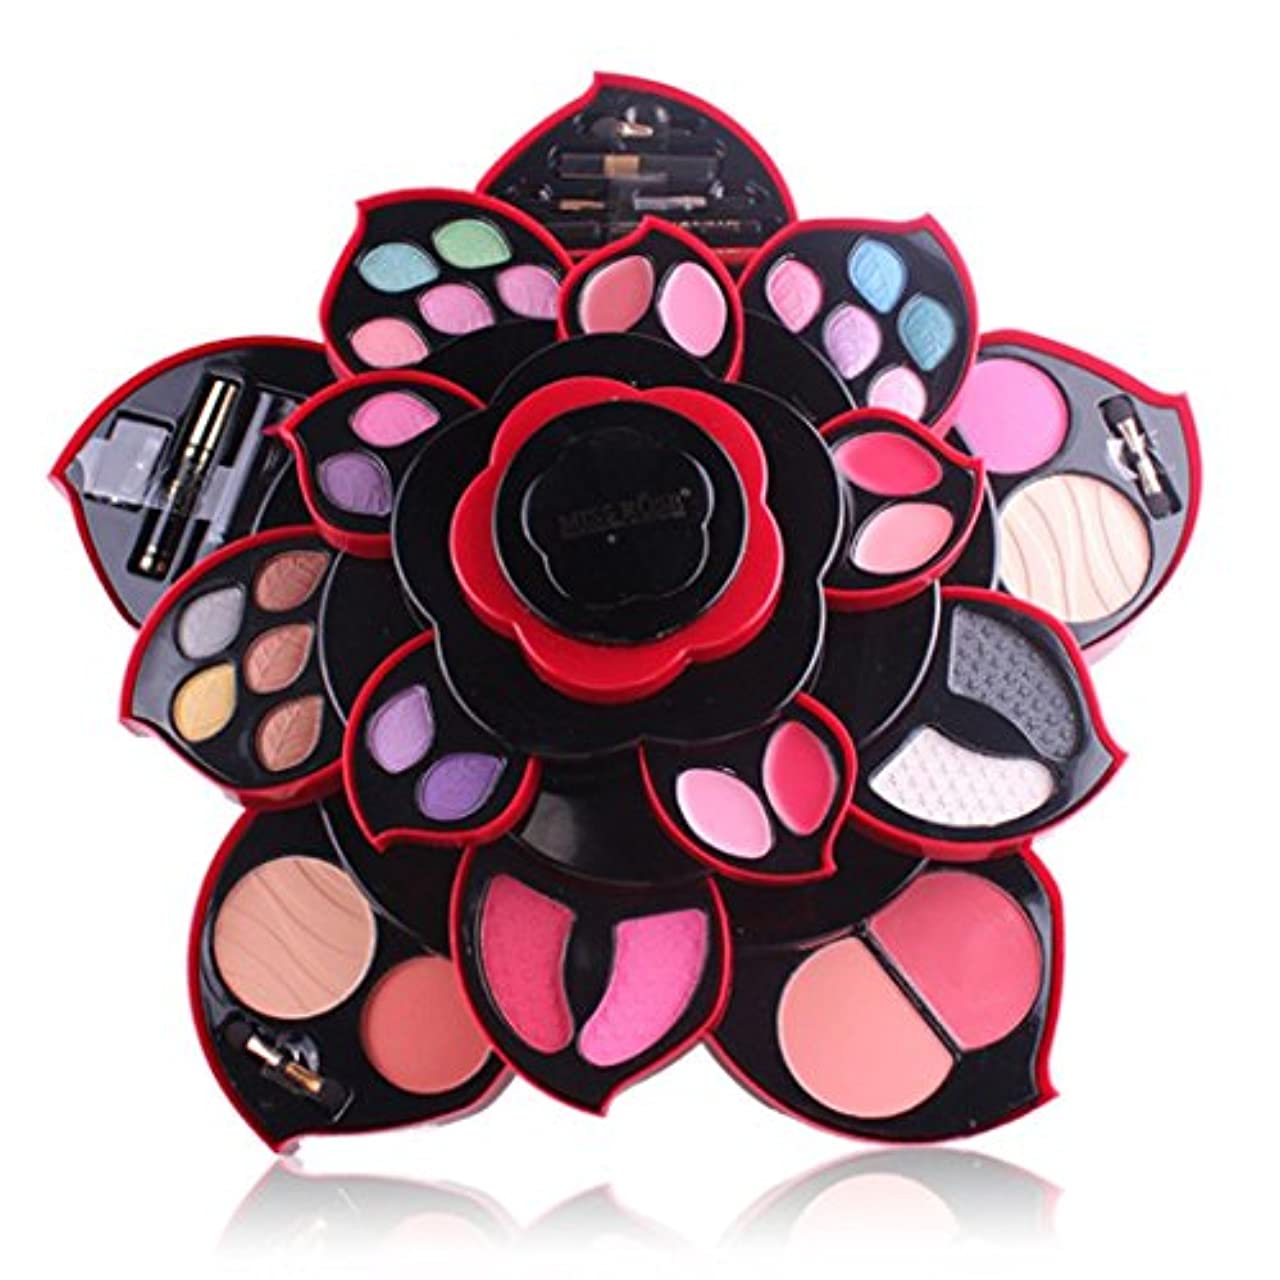 完璧誘発する言い訳ビューティー アイシャドー wwkeiying アイシャドウセット ファッション 23色 梅の花デザイン メイクボックス 回転多機能化粧品 プロ化粧師 メイクの達人 プレゼント (02)